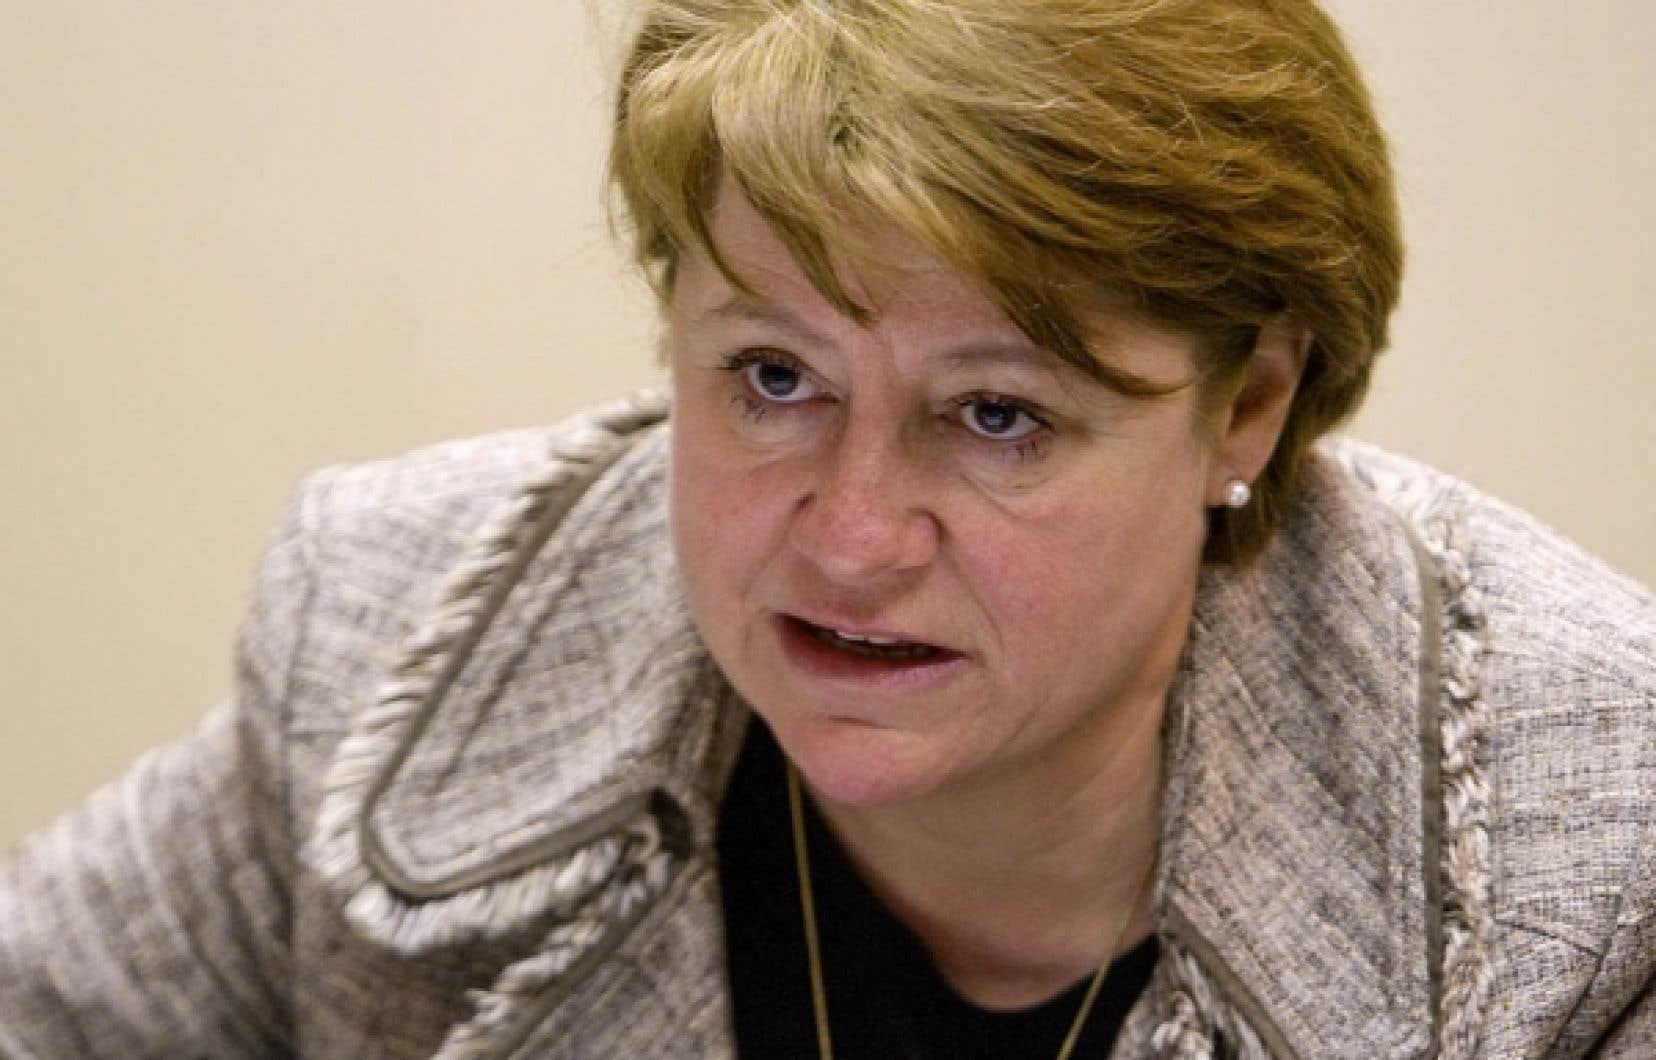 La présidente du CSF, Christiane Pelchat, souhaite une réflexion nationale sur la laïcité de l'État.